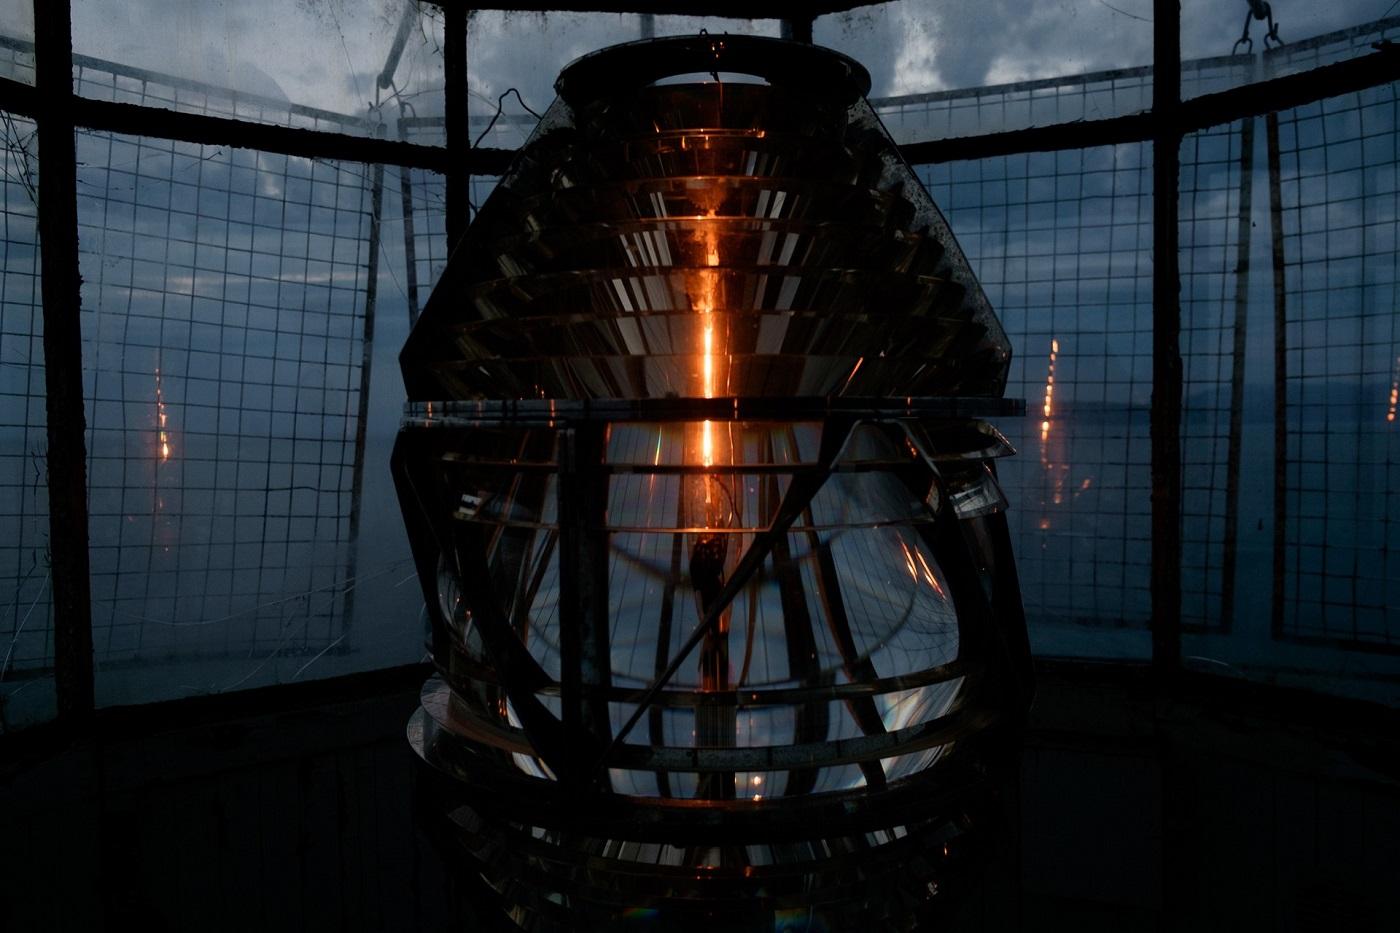 Das Leuchtfeuer von Tschirikow blinkt - 6,5 Sekunden Dunkelheit, 1,5 Sekunden Licht